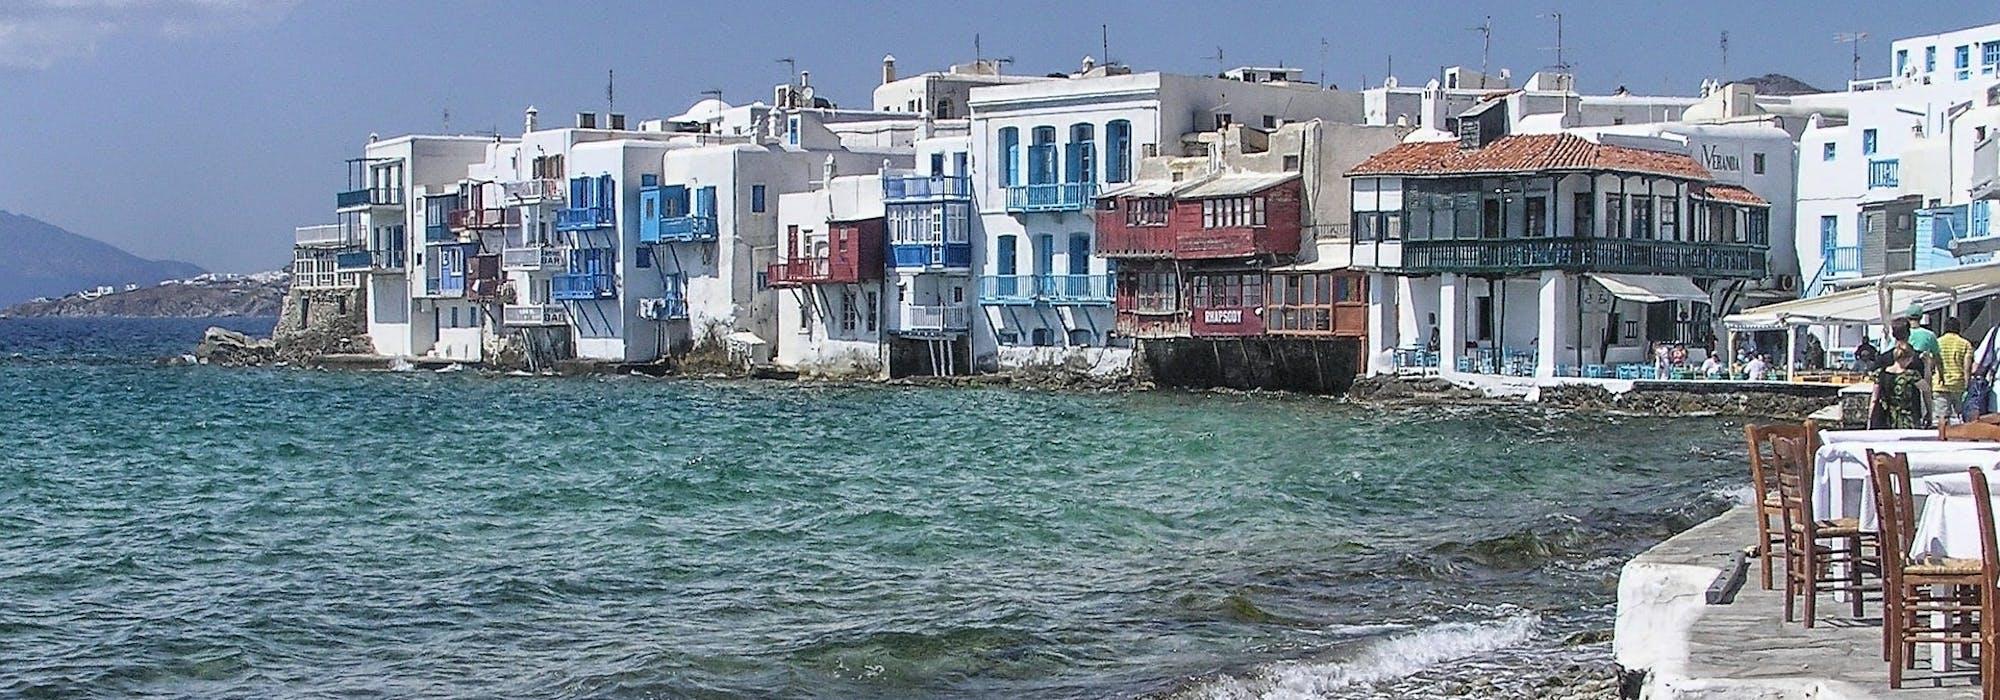 Vågorna slår in mot stranden med färgglada hus runtomkring i Mykonos, Grekland.